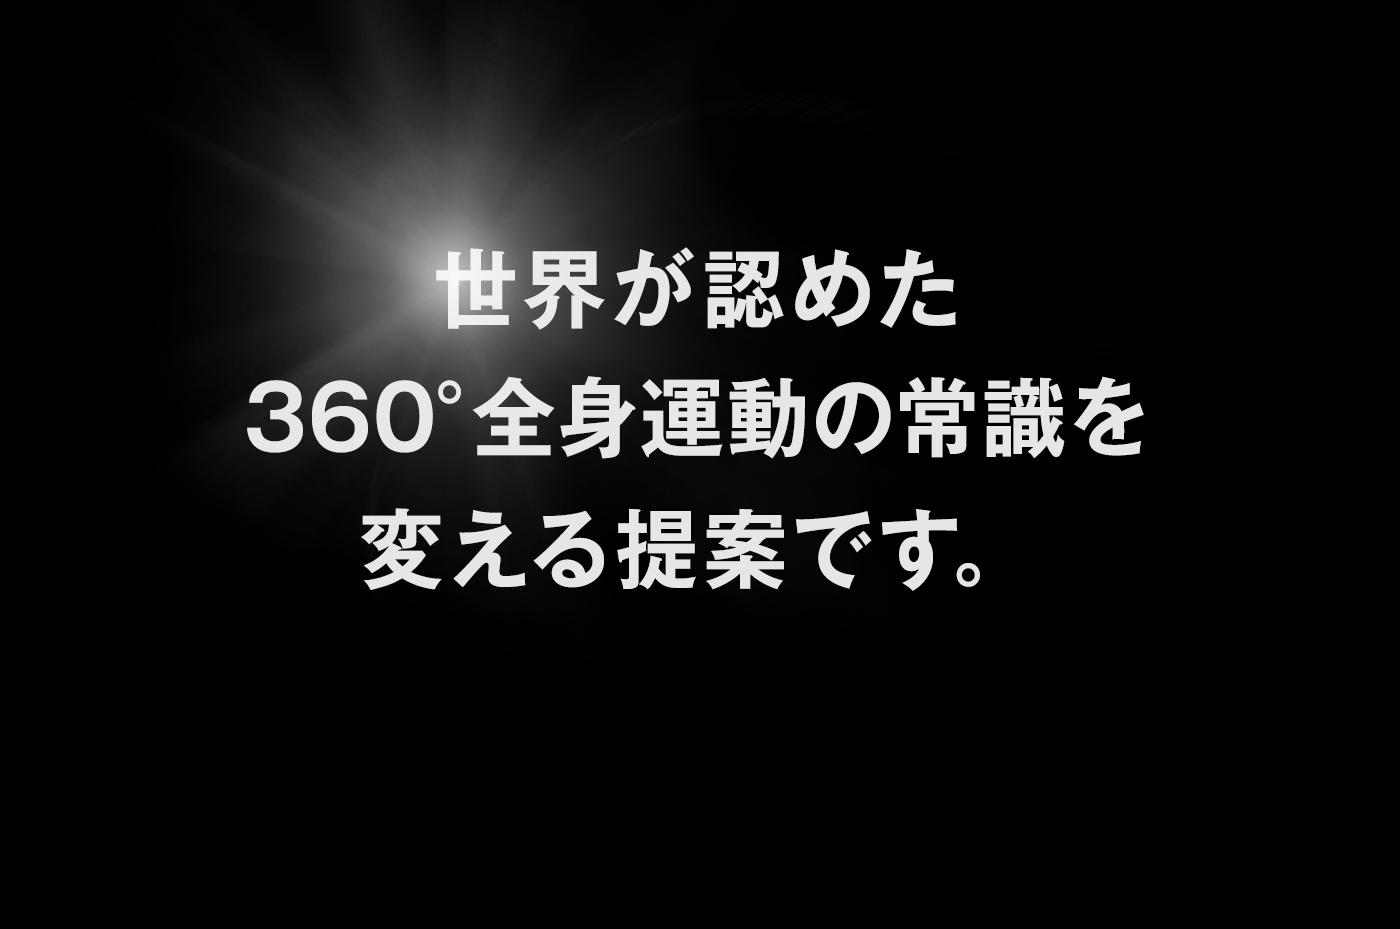 世界が認めた360°全身運動の常識を変える提案です。